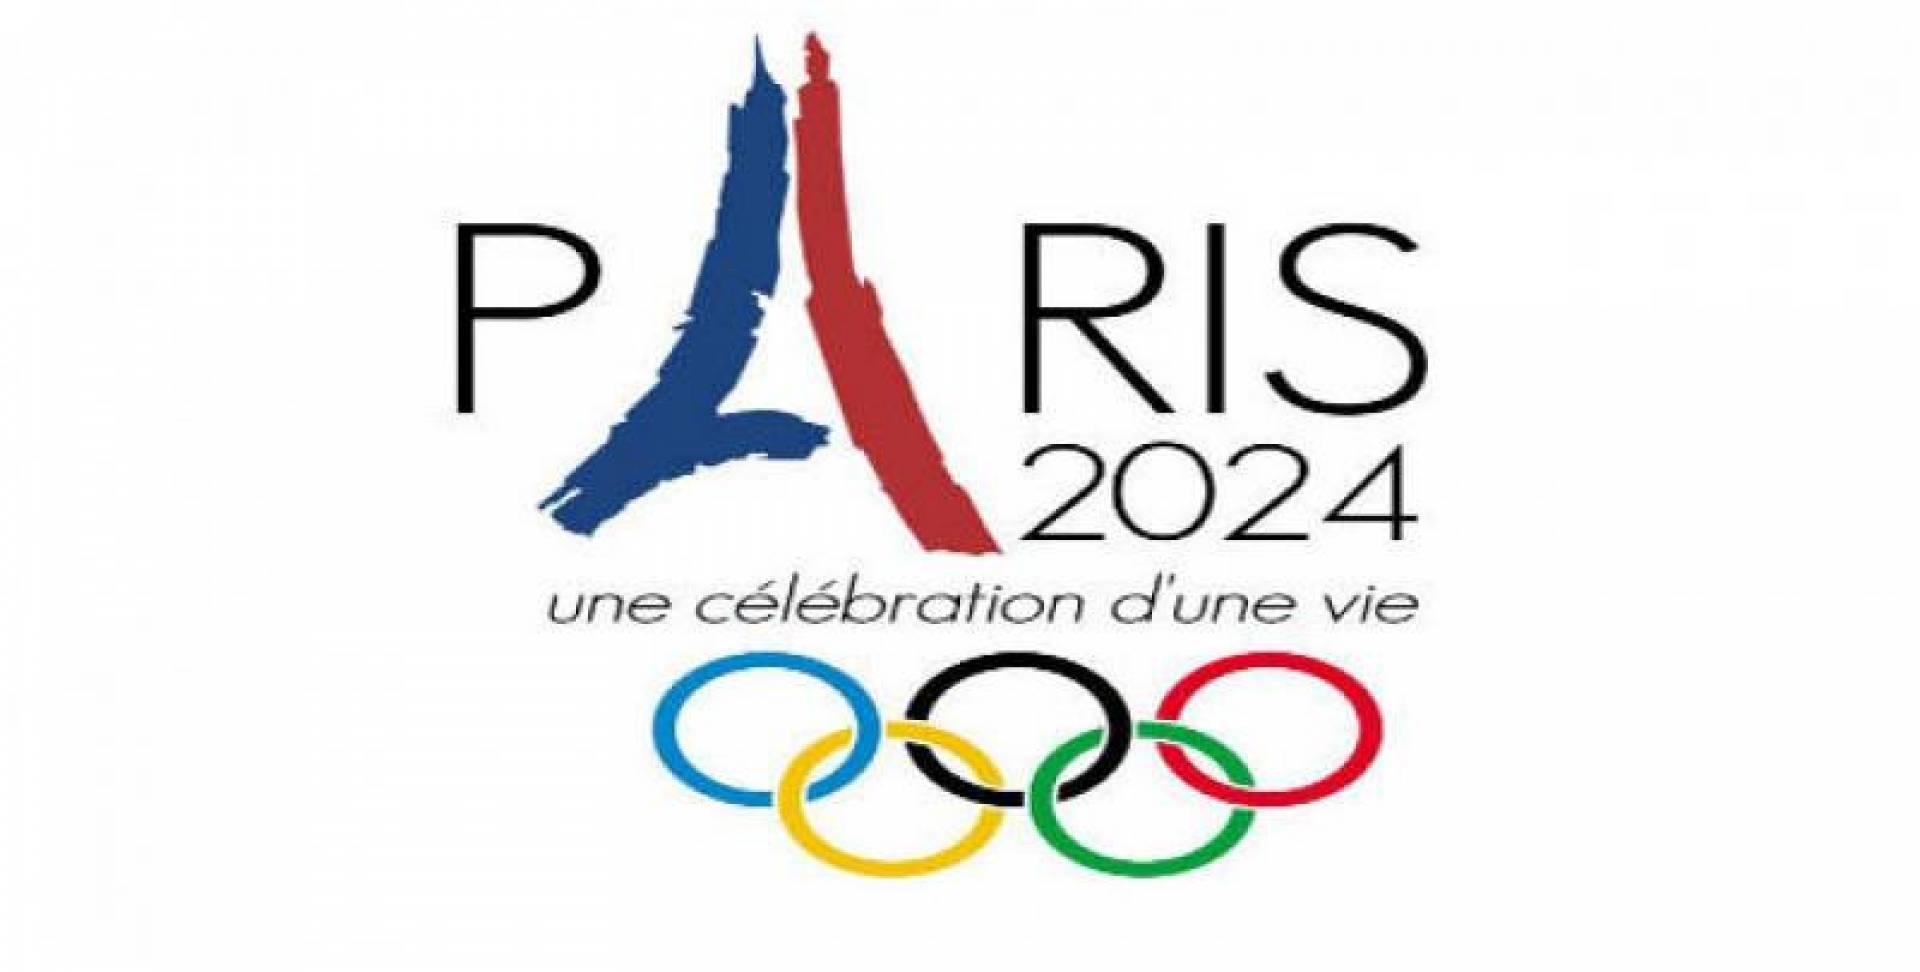 أولمبياد باريس 2024.. في إضافة أربع رياضات